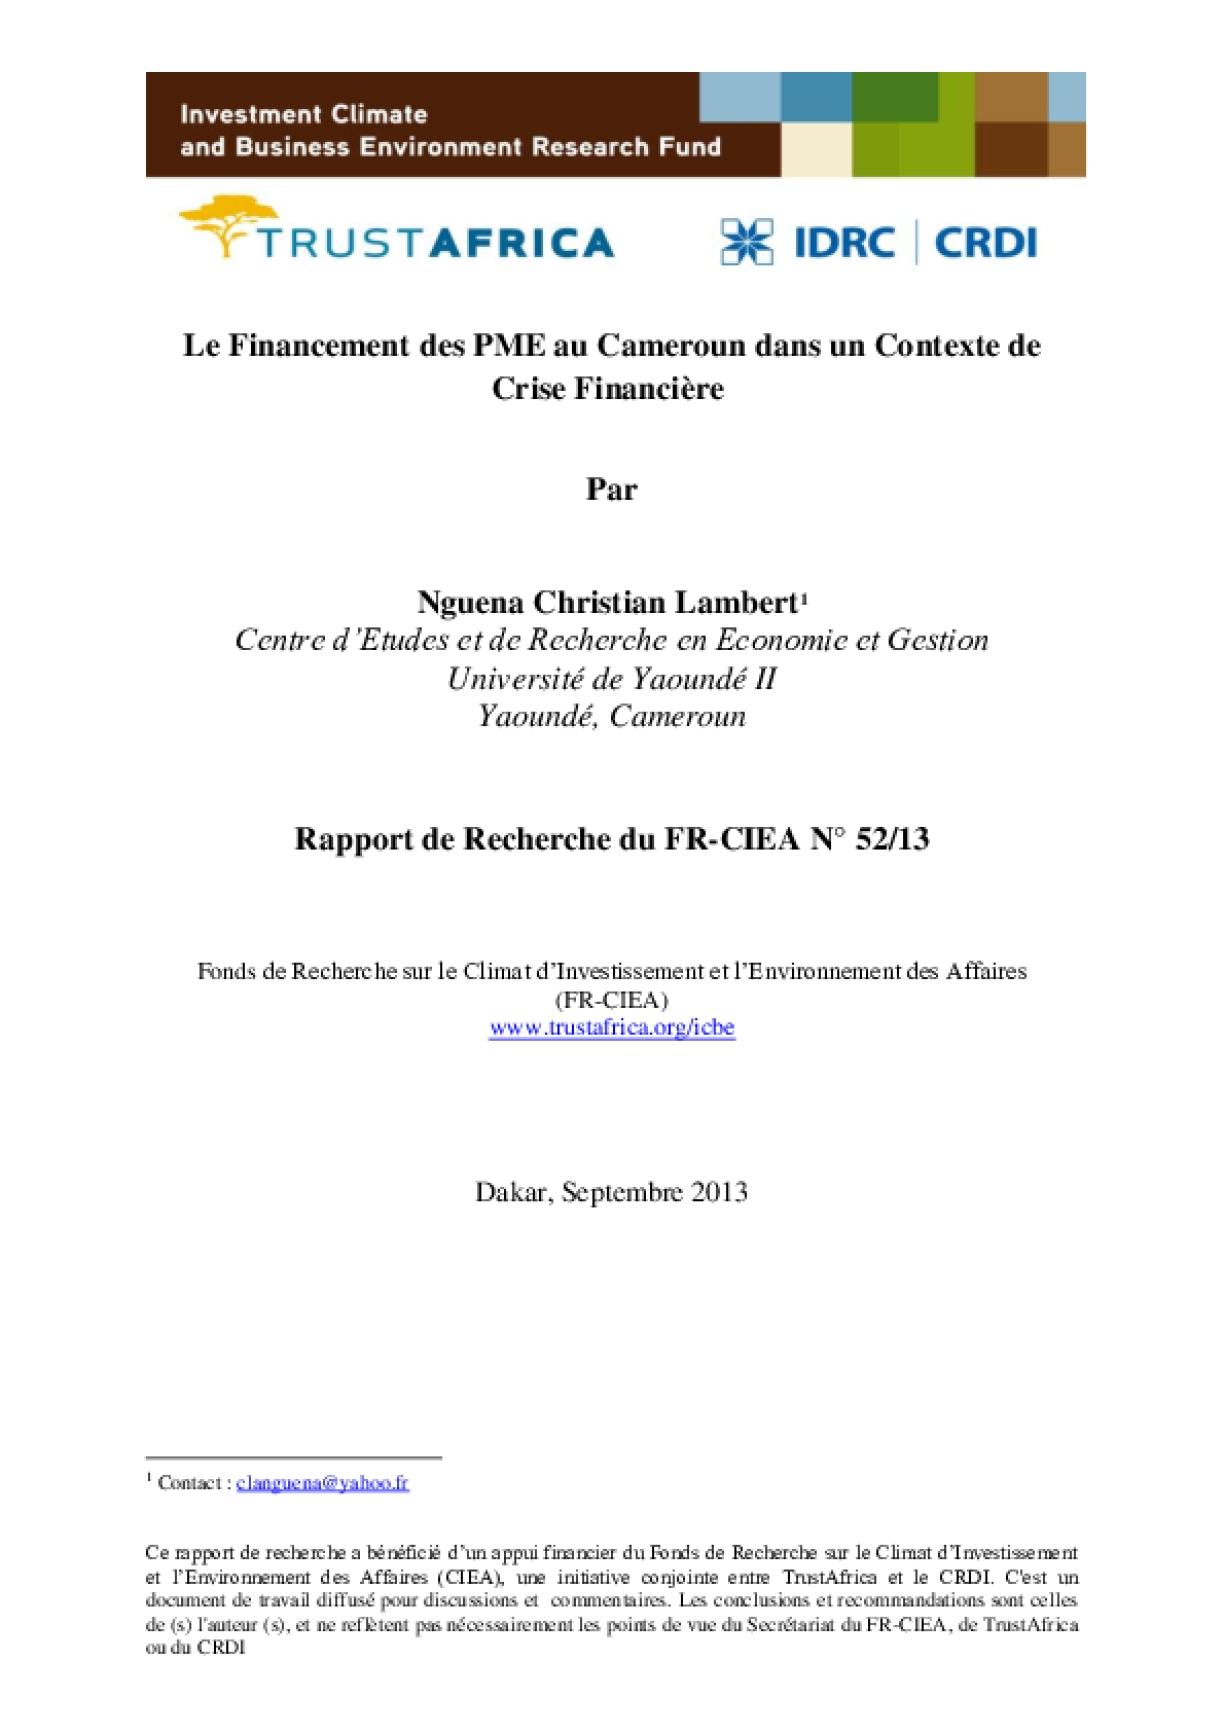 Le Financement des PME au Cameroun dans un Contexte de Crise Financière